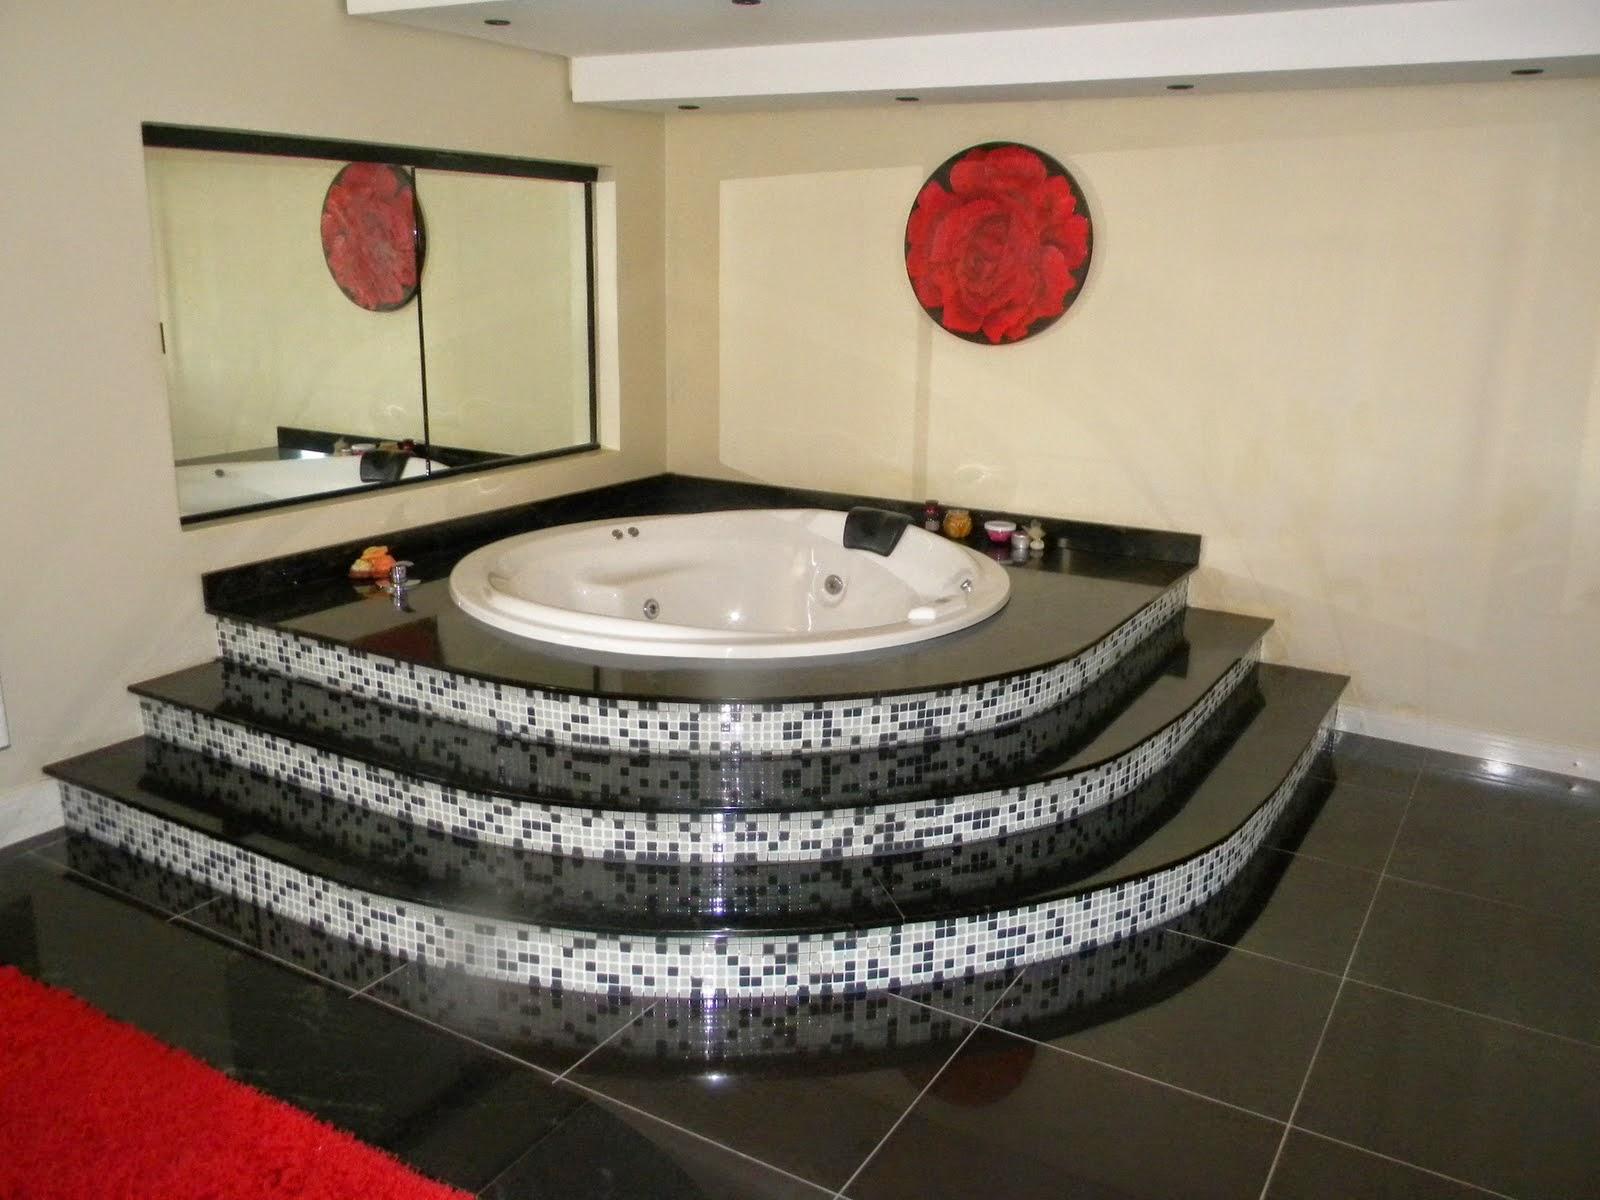 #B01B1B Como decorar um banheiro com piso de granito preto 1600x1200 px Banheiros De Granito Preto 1323